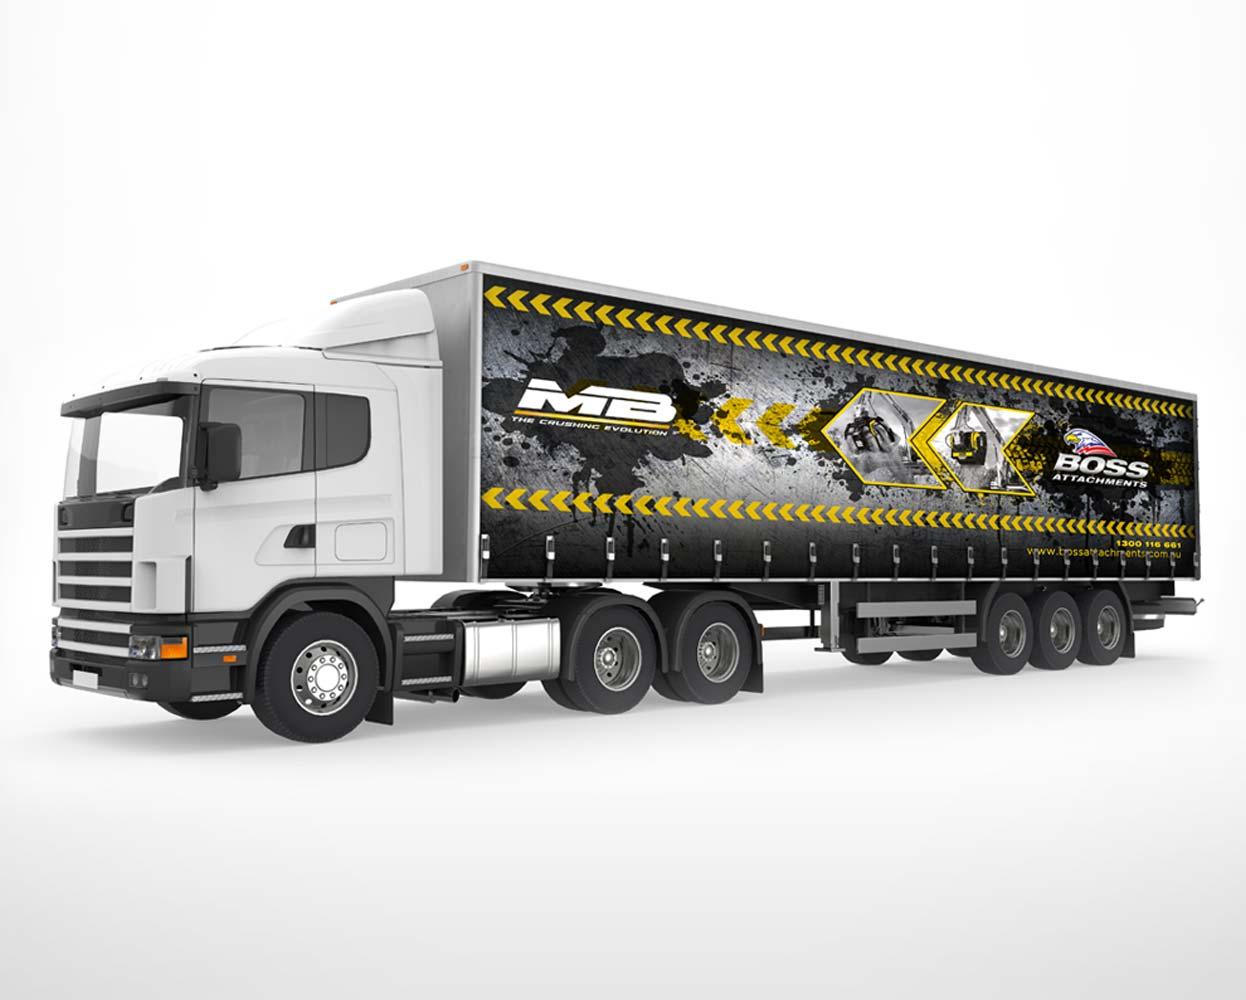 Boss_attachments_branding_truck